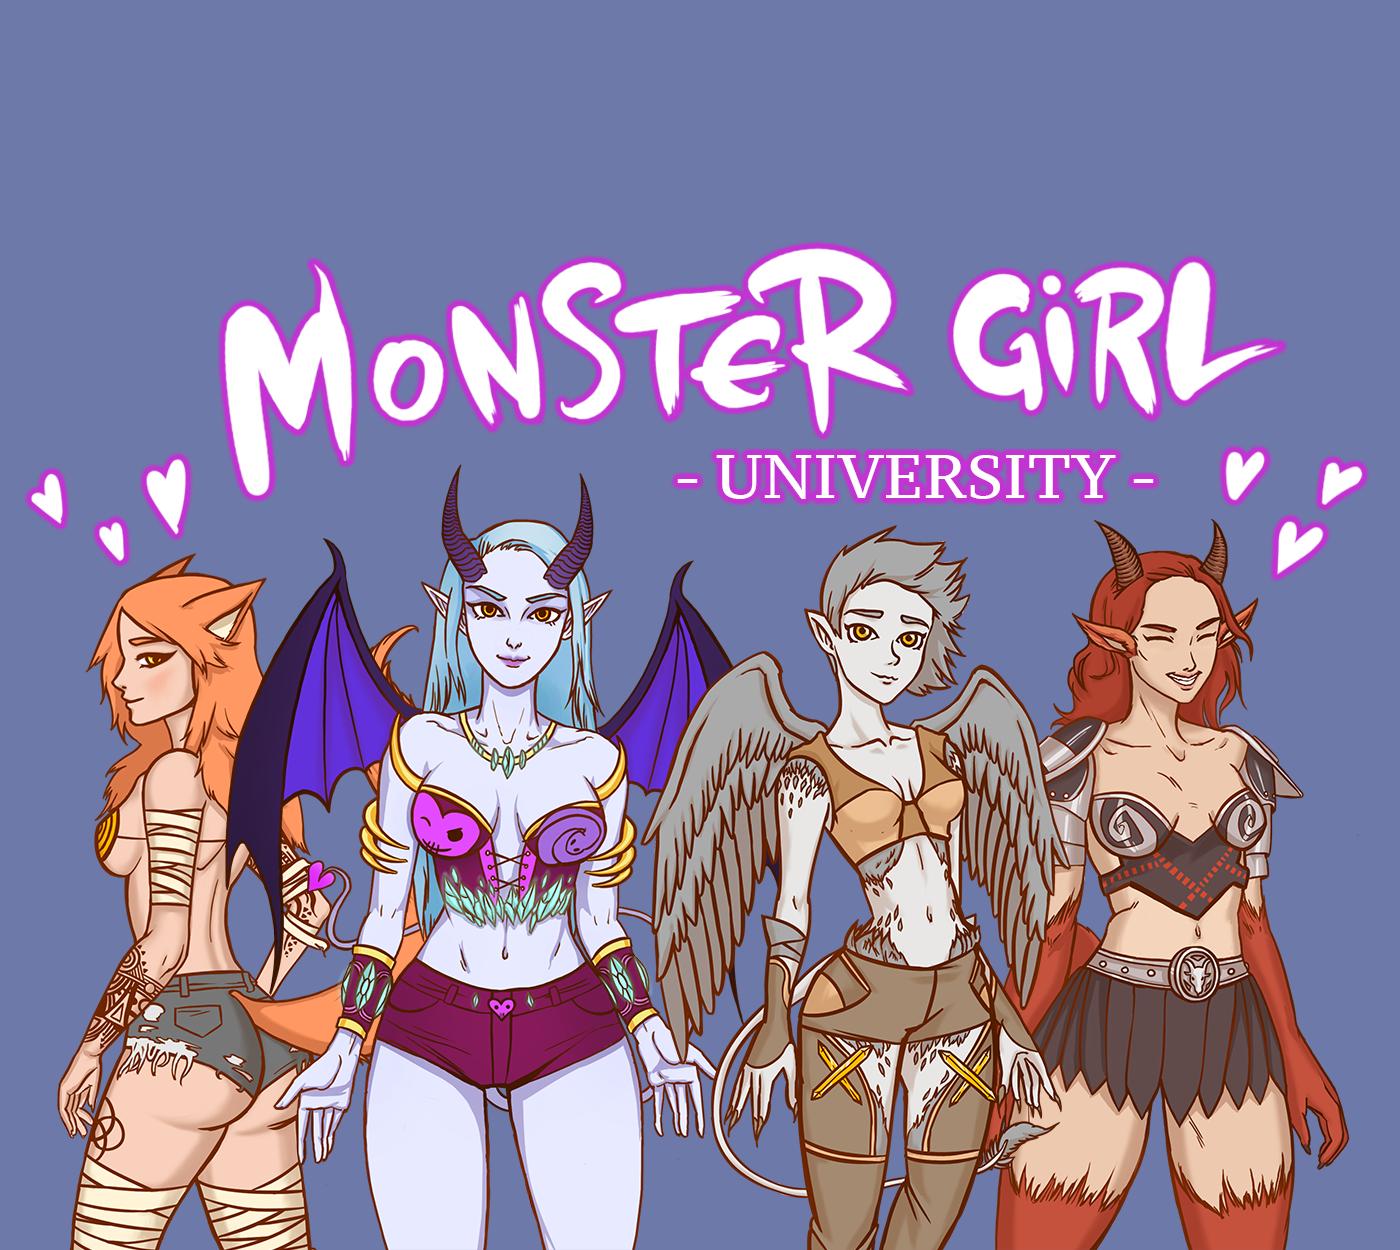 Monster Girl University